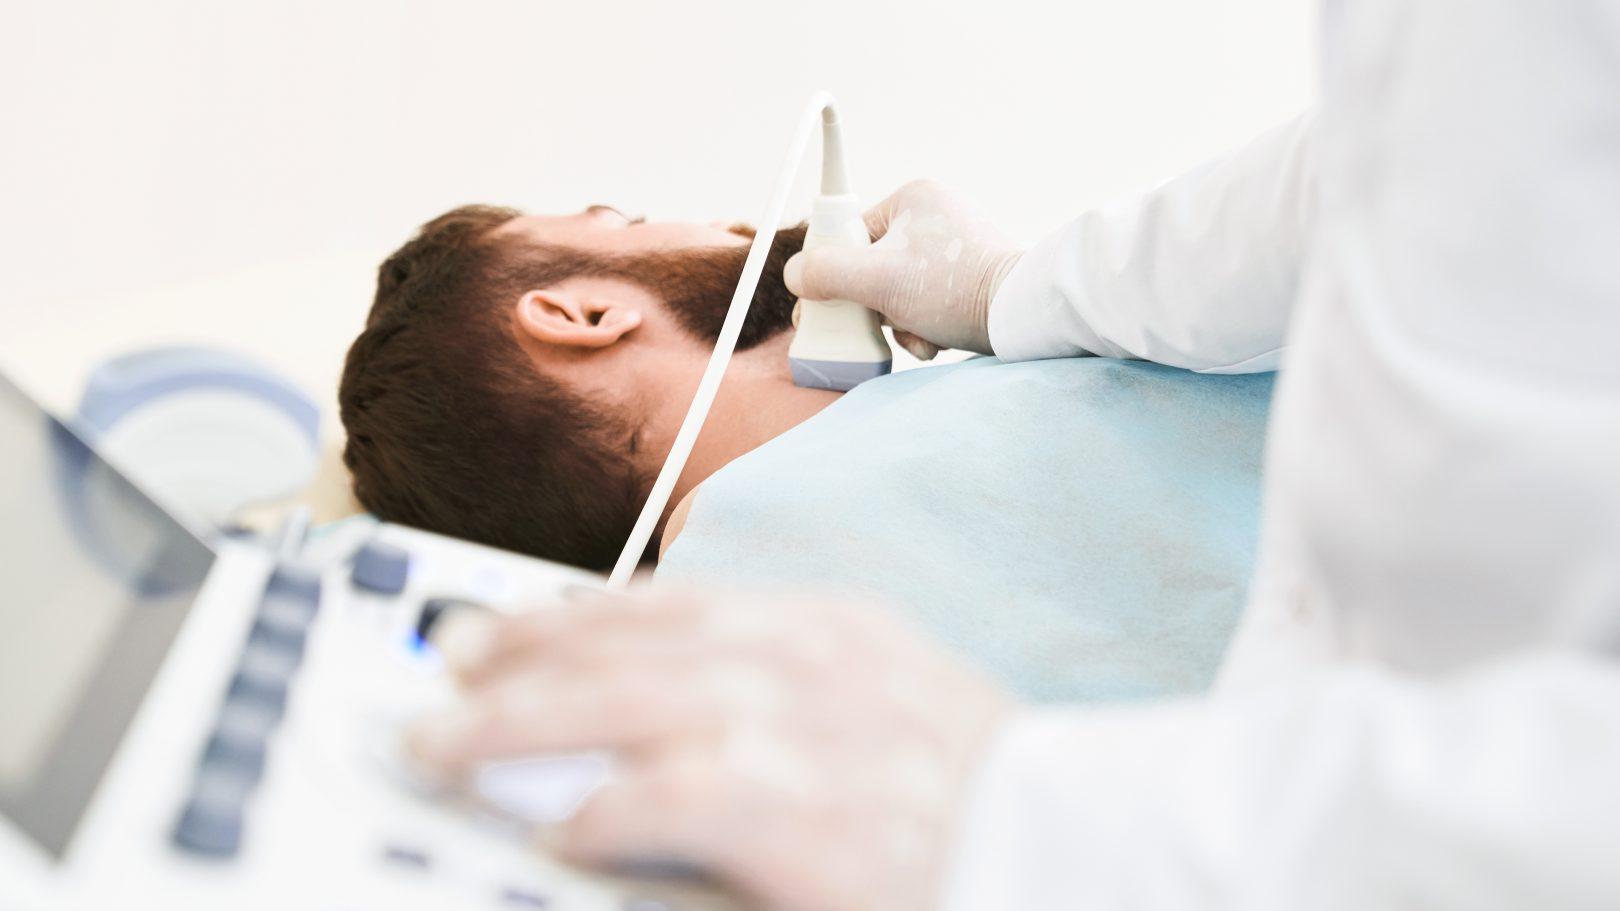 A doctor checks a patient's lymph nodes